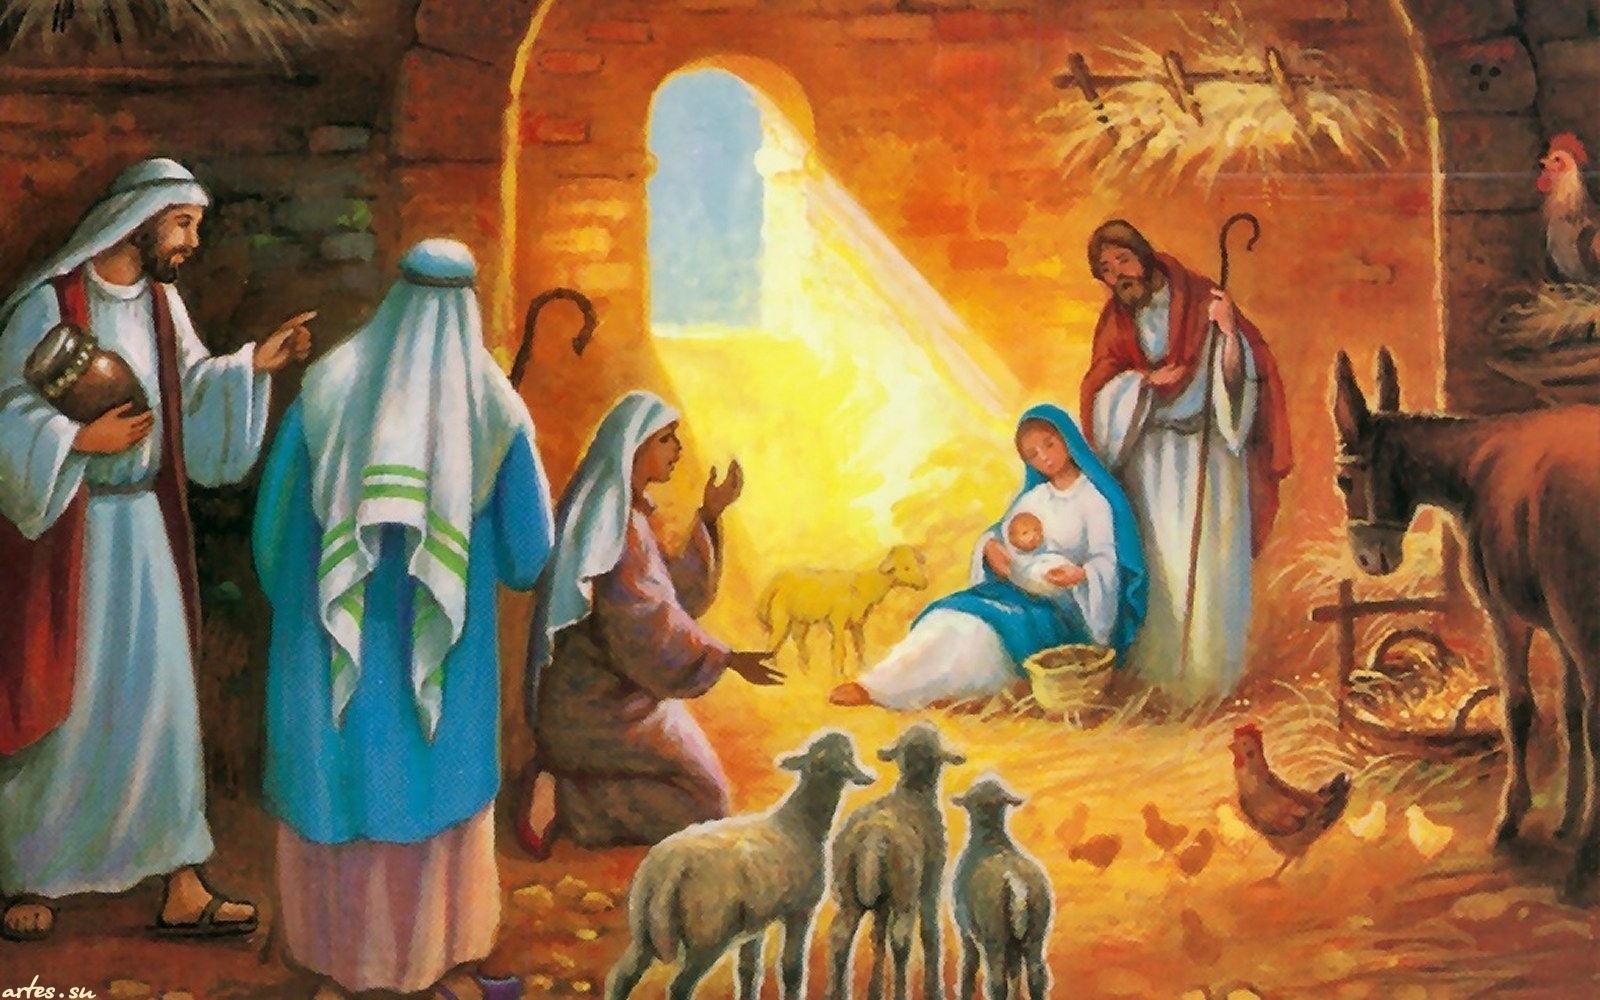 Рождество в картинках христианское, подарок своими руками